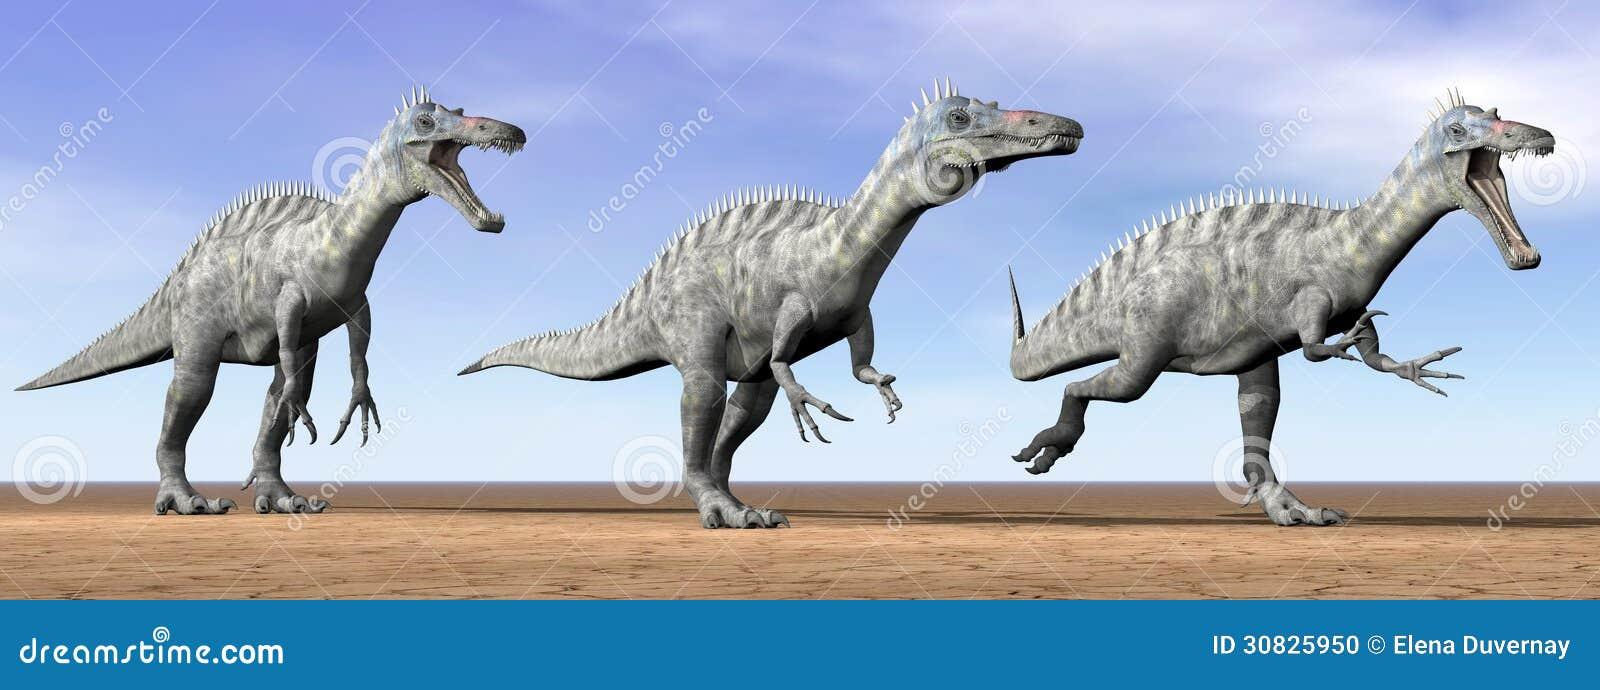 Dinosauri di Suchomimus nel deserto - 3D rendono